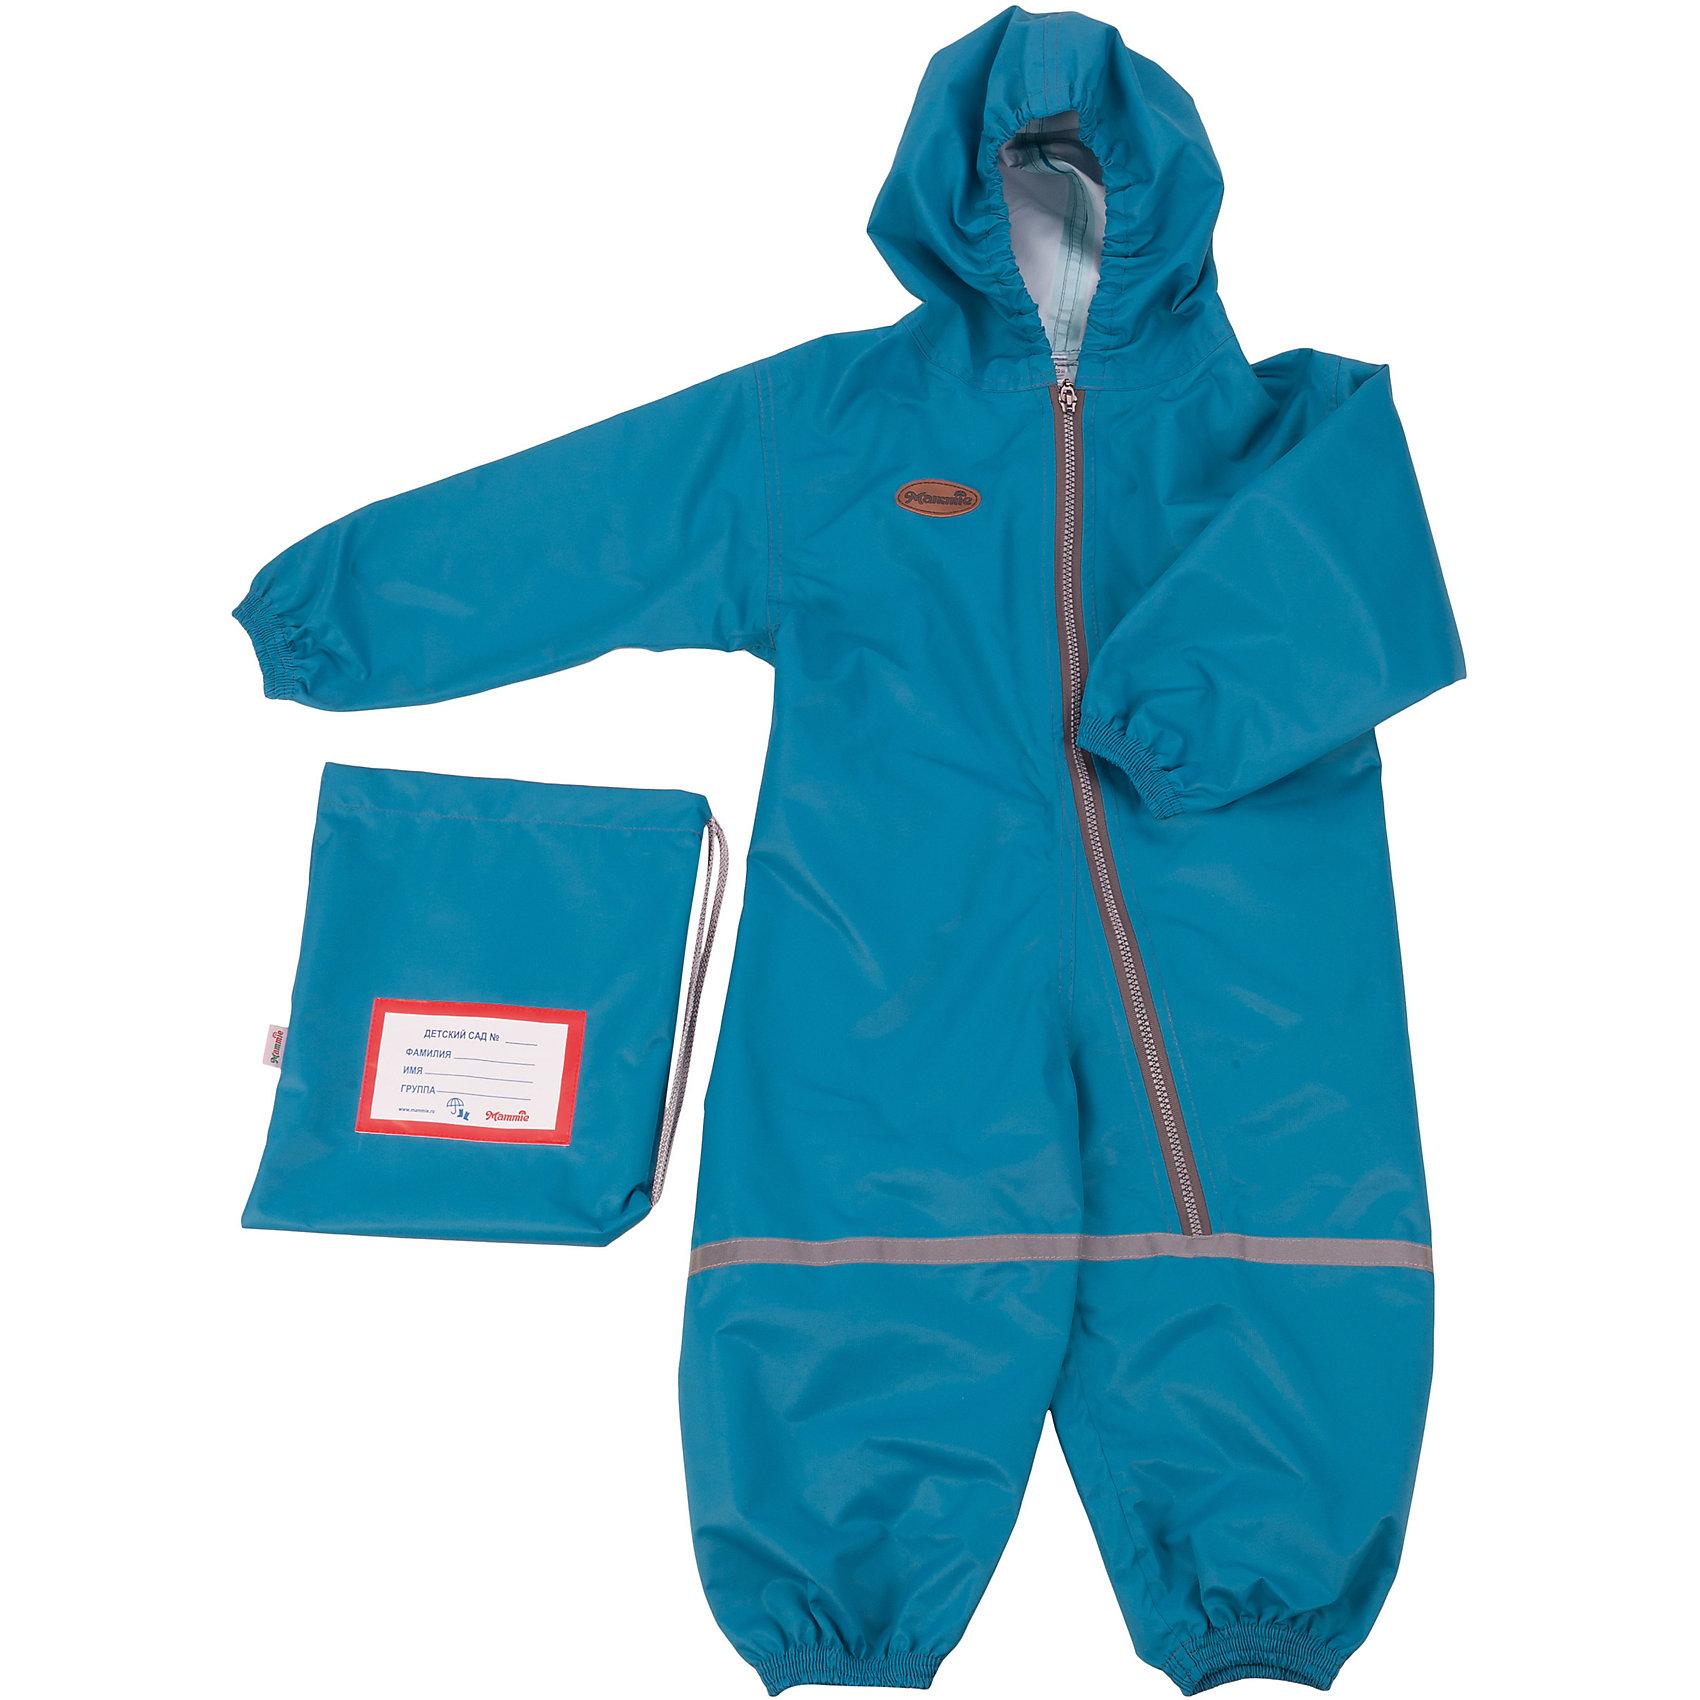 Комбинезон грязезащитный, р-р 1-2,мембрана, Mammie, морская волнаВерхняя одежда<br>Комбинезон грязезащитный, р-р 1-2,мембрана, Mammie, морская волна.<br><br>Характеристики:<br><br>• Для детей от 1 года до 2 лет (рост 92-98 см.)<br>• Комплектация: комбинезон, мешочек с именной нашивкой<br>• Сезон: весна, лето, осень<br>• Температурный диапазон: от -5°С до +25°С<br>• Цвет: морская волна<br>• Материал: мембрана - 100% полиэстер<br>• Водонепроницаемость: 3000 мм. <br>• Дышащие свойства: 3000 гр/кв.м/24ч<br>• Уход: машинная стирка при 30°С<br>• Размер упаковки: 20х30х5 см.<br>• Вес: 200 гр.<br><br>Детский грязезащитный, 100% непромокаемый дышащий комбинезон одевается поверх любой верхней одежды. Комбинезон утянут в поясе при помощи резинки. Глубокая молния позволяет ребенку самостоятельно надеть комбинезон. Ткань комбинезона не препятствует воздухообмену. Швы проклеены водозащитной лентой. Светоотражающие элементы повышают безопасность ребенка в темное время суток. Комбинезон отлично подходит для прогулок в детском саду в осенне-весенний период с грязью, лужами и слякотью. Легко стирается и моментально сохнет. Упакован в индивидуальный мешочек с именной нашивкой, который можно подвесить в шкафчик ребенка.<br><br>Комбинезон грязезащитный, р-р 1-2,мембрана, Mammie, морская волна можно купить в нашем интернет-магазине.<br><br>Ширина мм: 200<br>Глубина мм: 300<br>Высота мм: 50<br>Вес г: 200<br>Возраст от месяцев: 12<br>Возраст до месяцев: 24<br>Пол: Унисекс<br>Возраст: Детский<br>SKU: 5613244